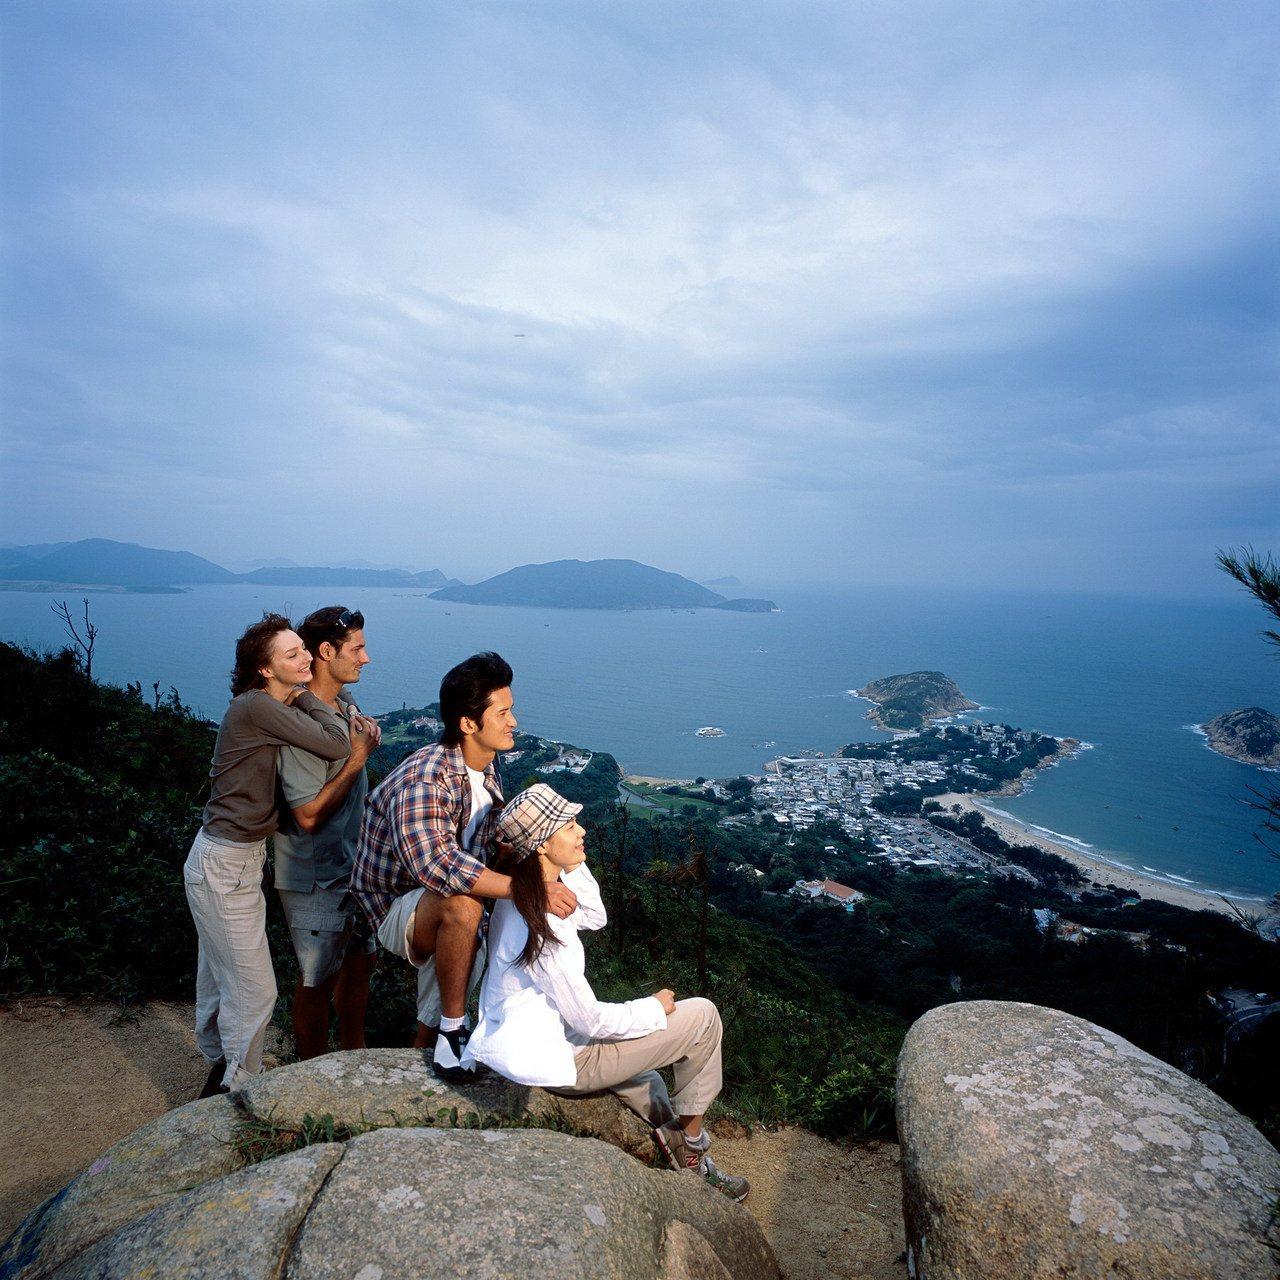 秋冬適合在香港健行爬山,爬山後大吃一頓,是員工旅遊最舒壓的方法。圖/港旅局提供